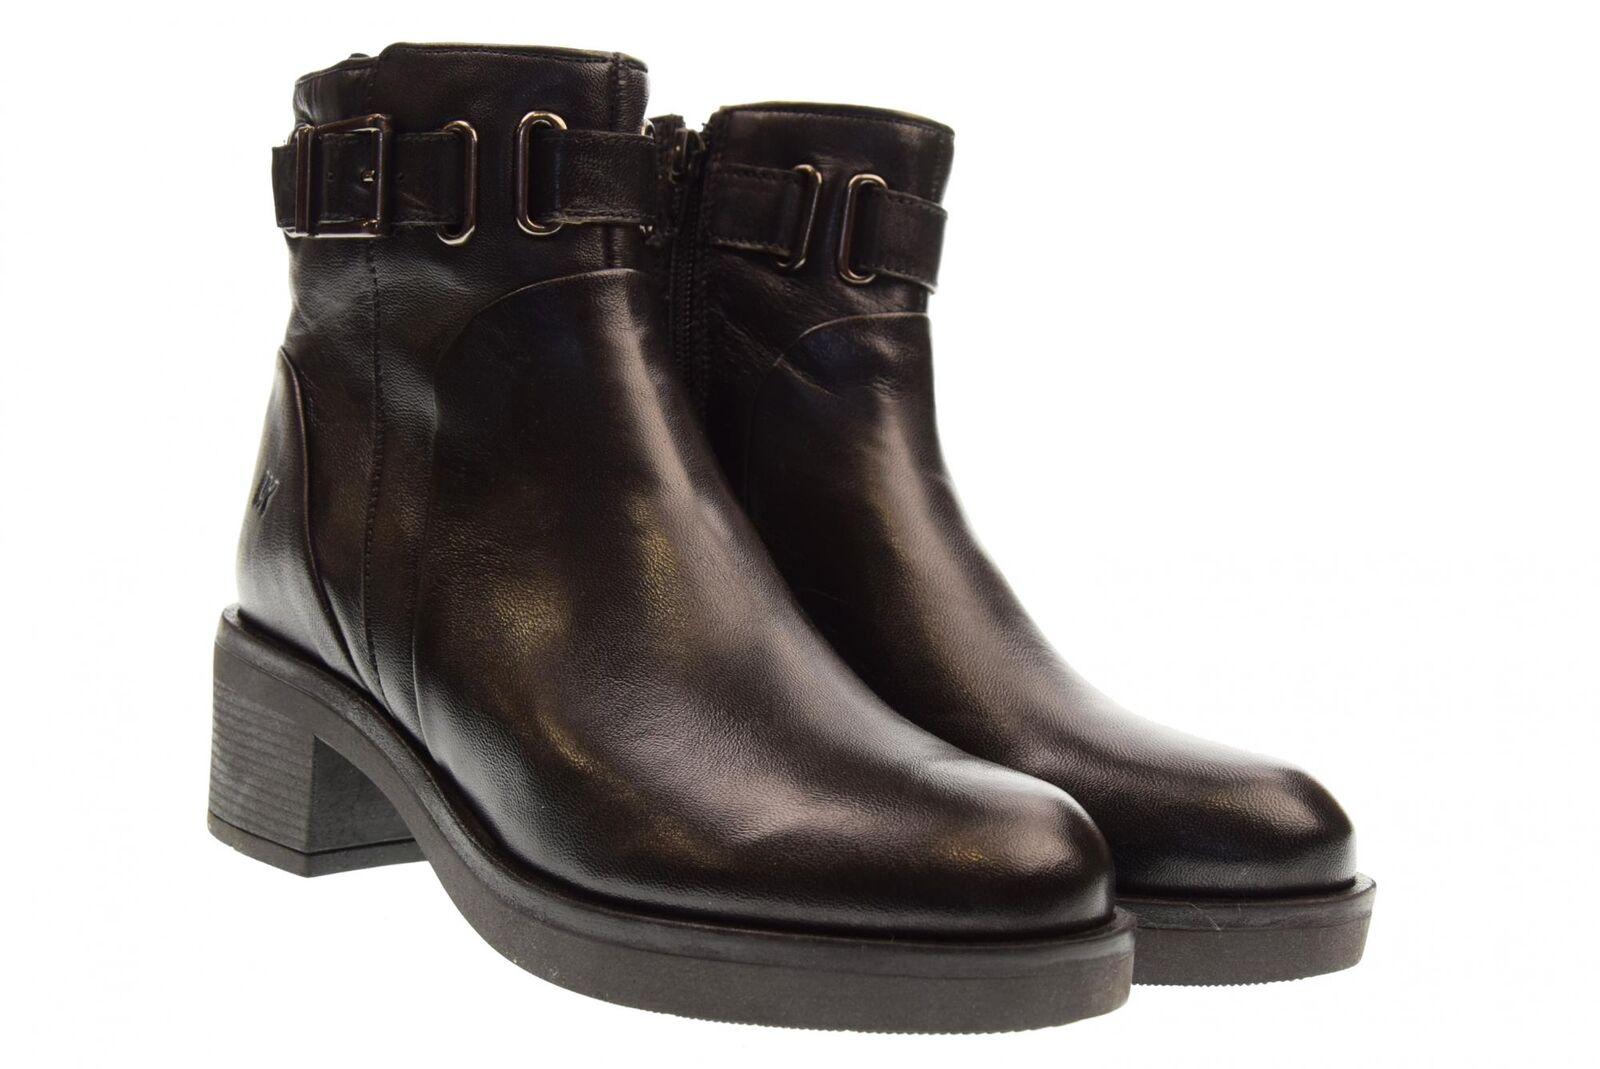 los clientes primero Lumberjack A18u para mujeres Zapatos con tacón Kylie SW51203-001 SW51203-001 SW51203-001 B01-CB001  el mas de moda